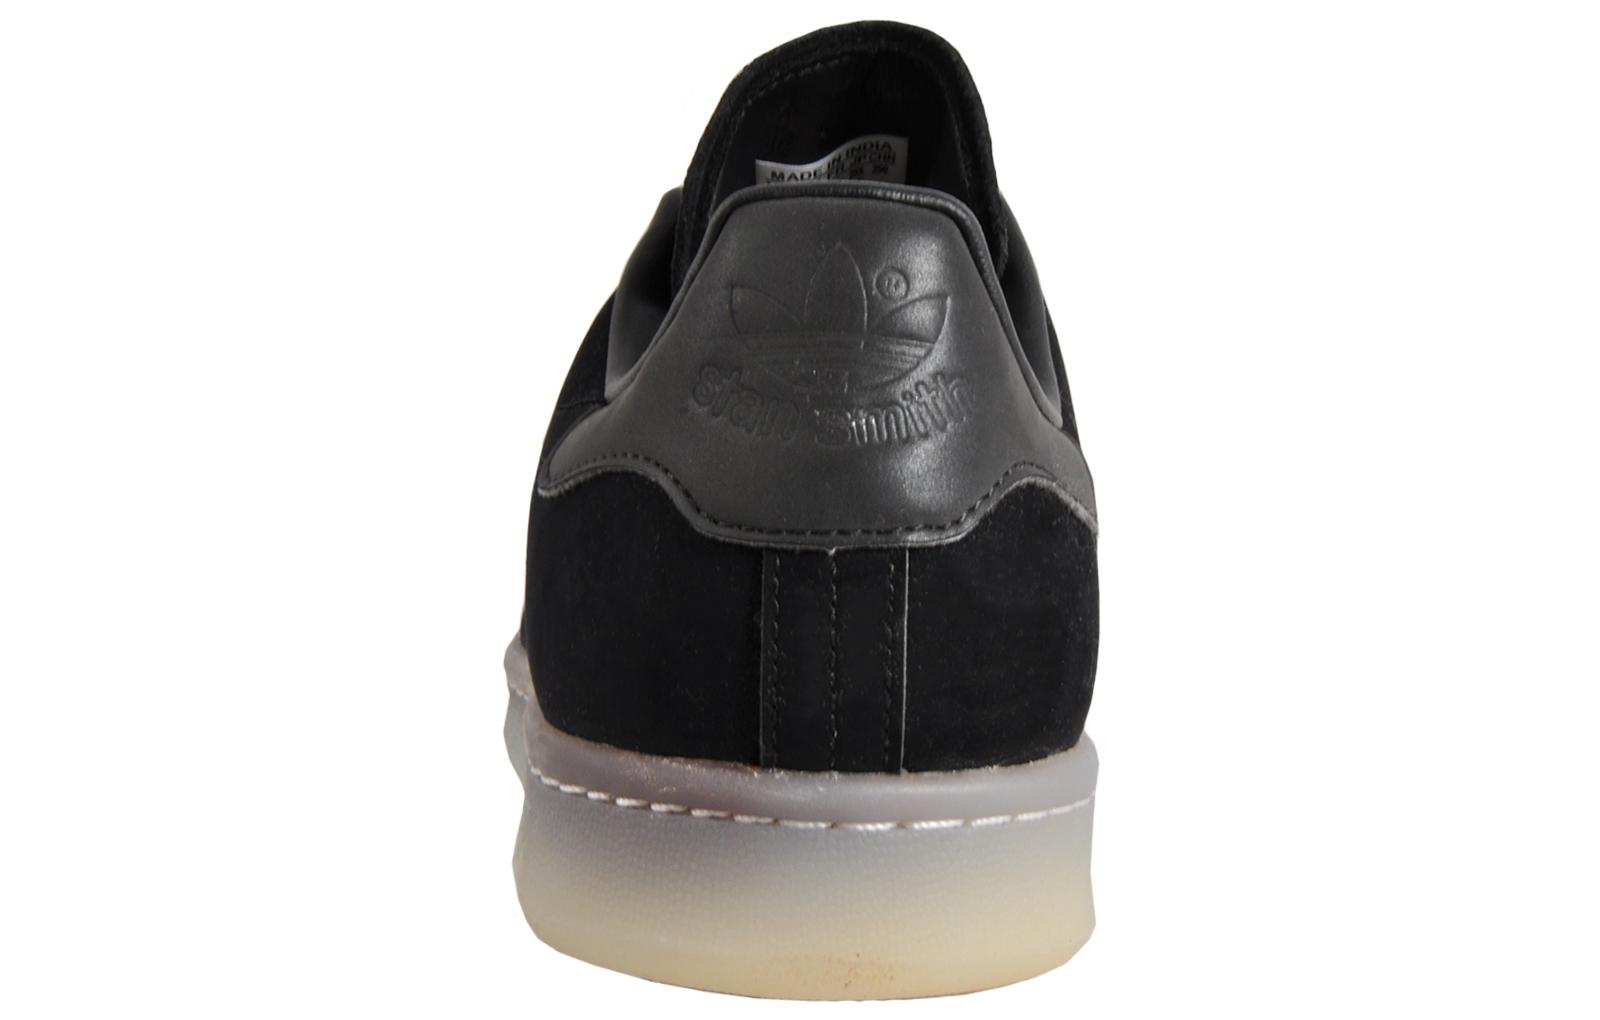 47a967cf7 Adidas Originals Stan Smith Mens Classic Casual Retro Trainers B Grade Black